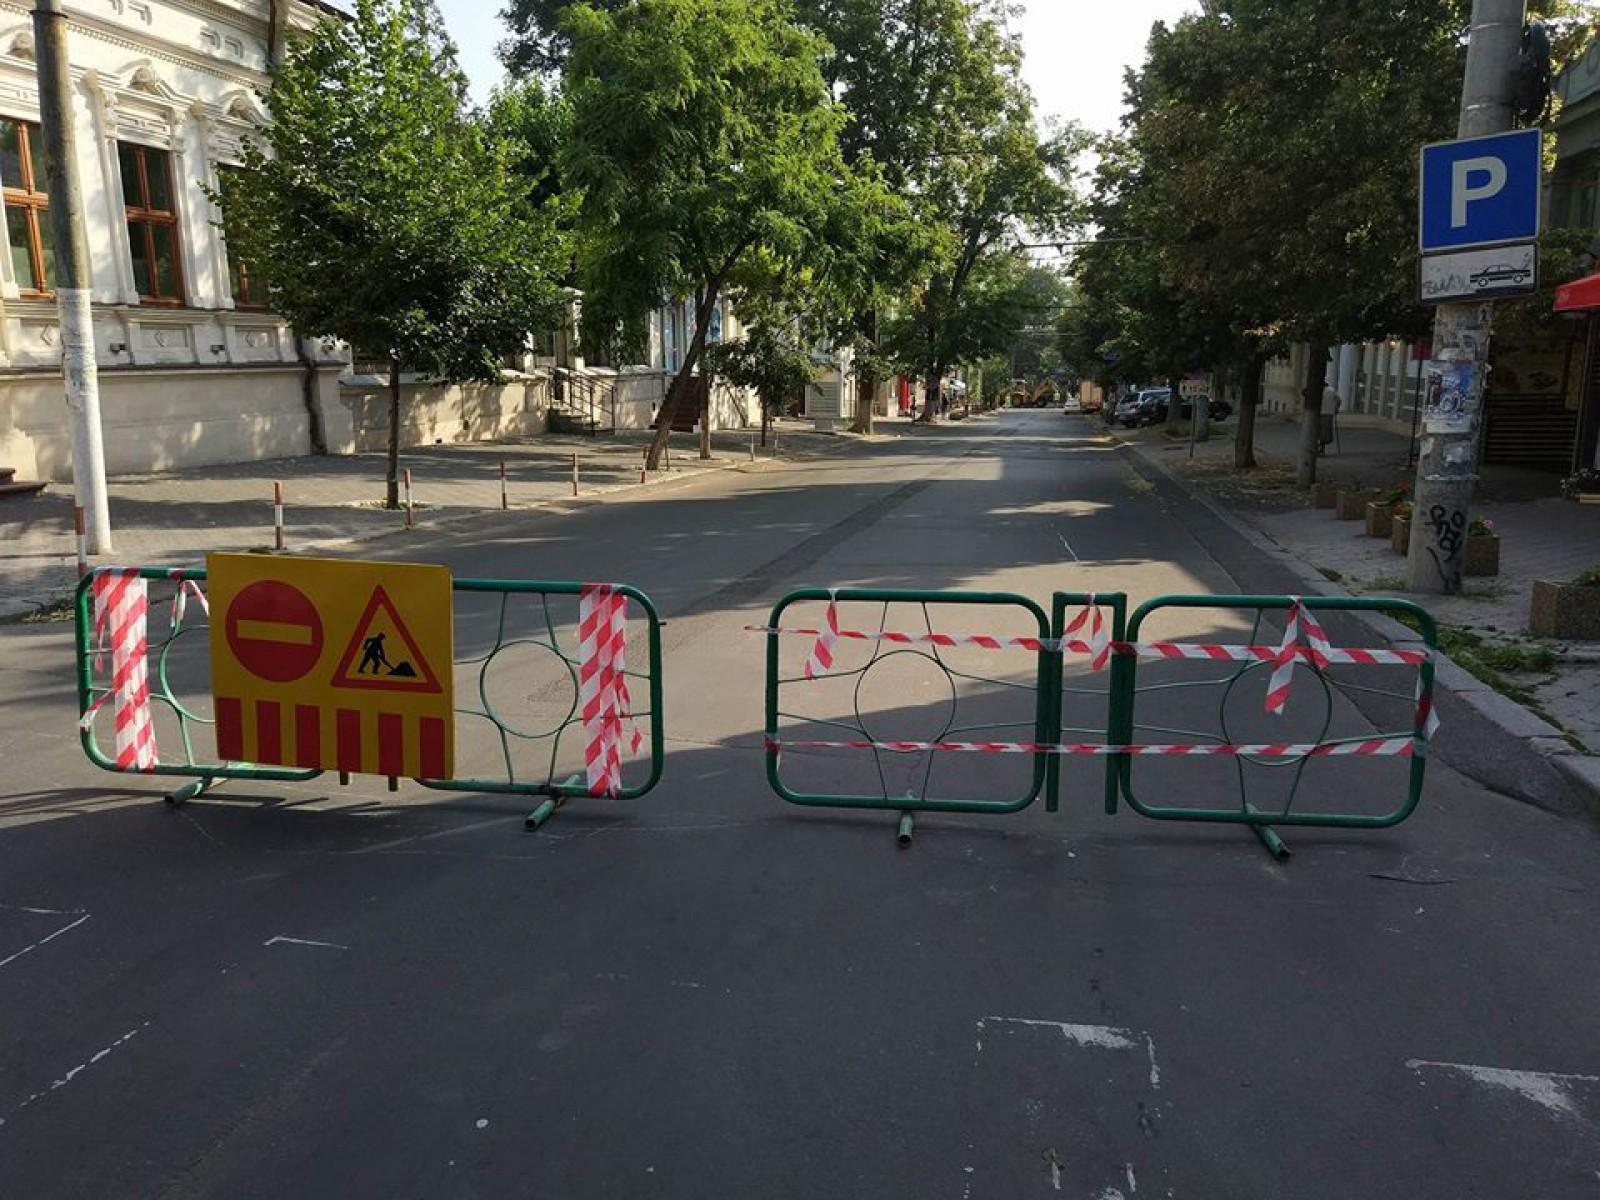 (foto) Atenție, chișinăuieni! Circulația rutieră pe strada București, închisă în perimetrul str. Bodoni și Pușkin. Troleibuzele 3,10 și 24 nu vor mai ajunge la Telecentru